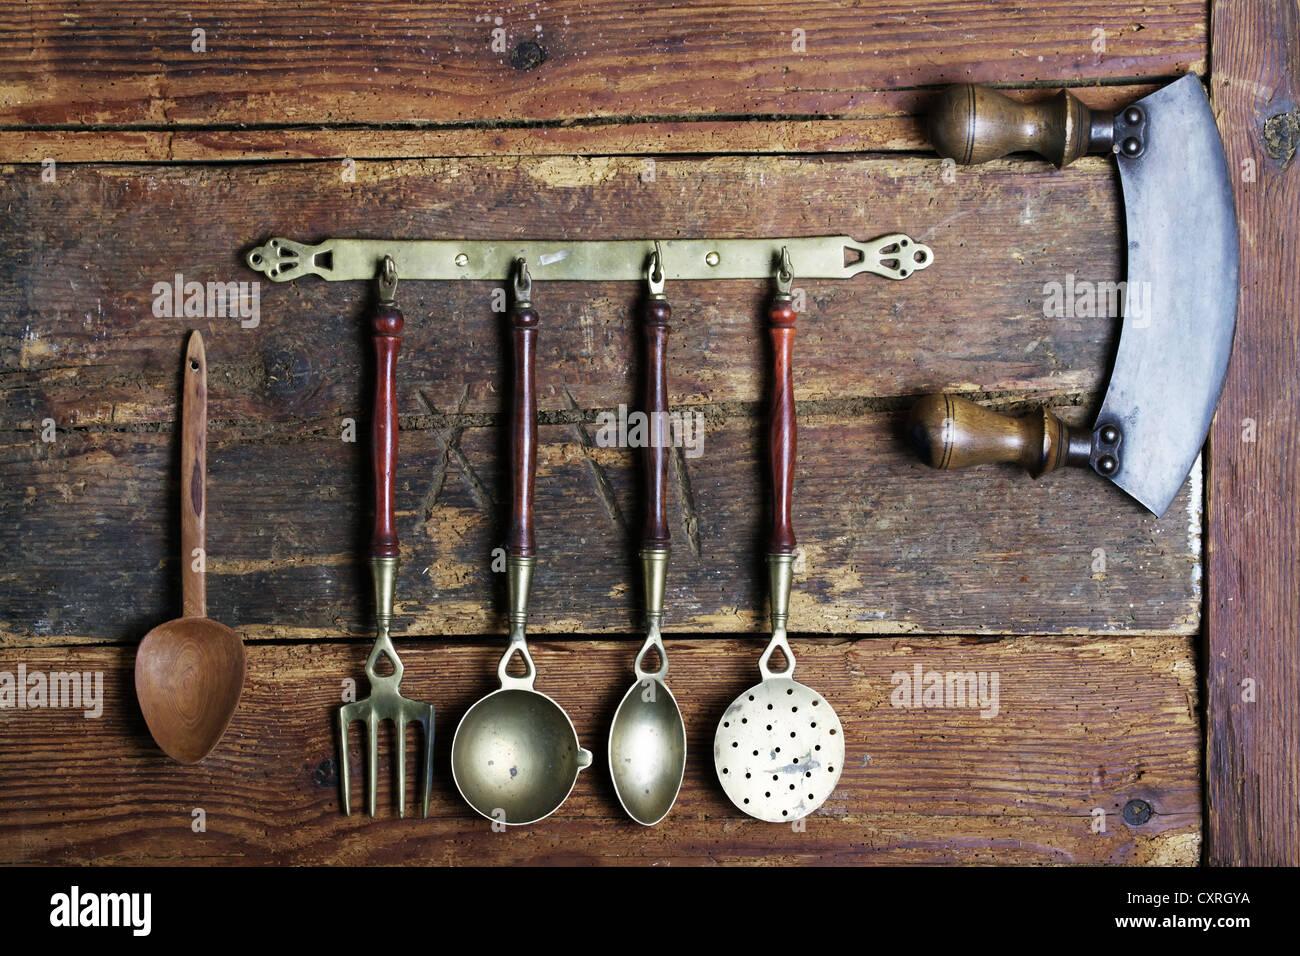 Vecchi utensili da cucina in ottone pendenti da un bar nella parte ...